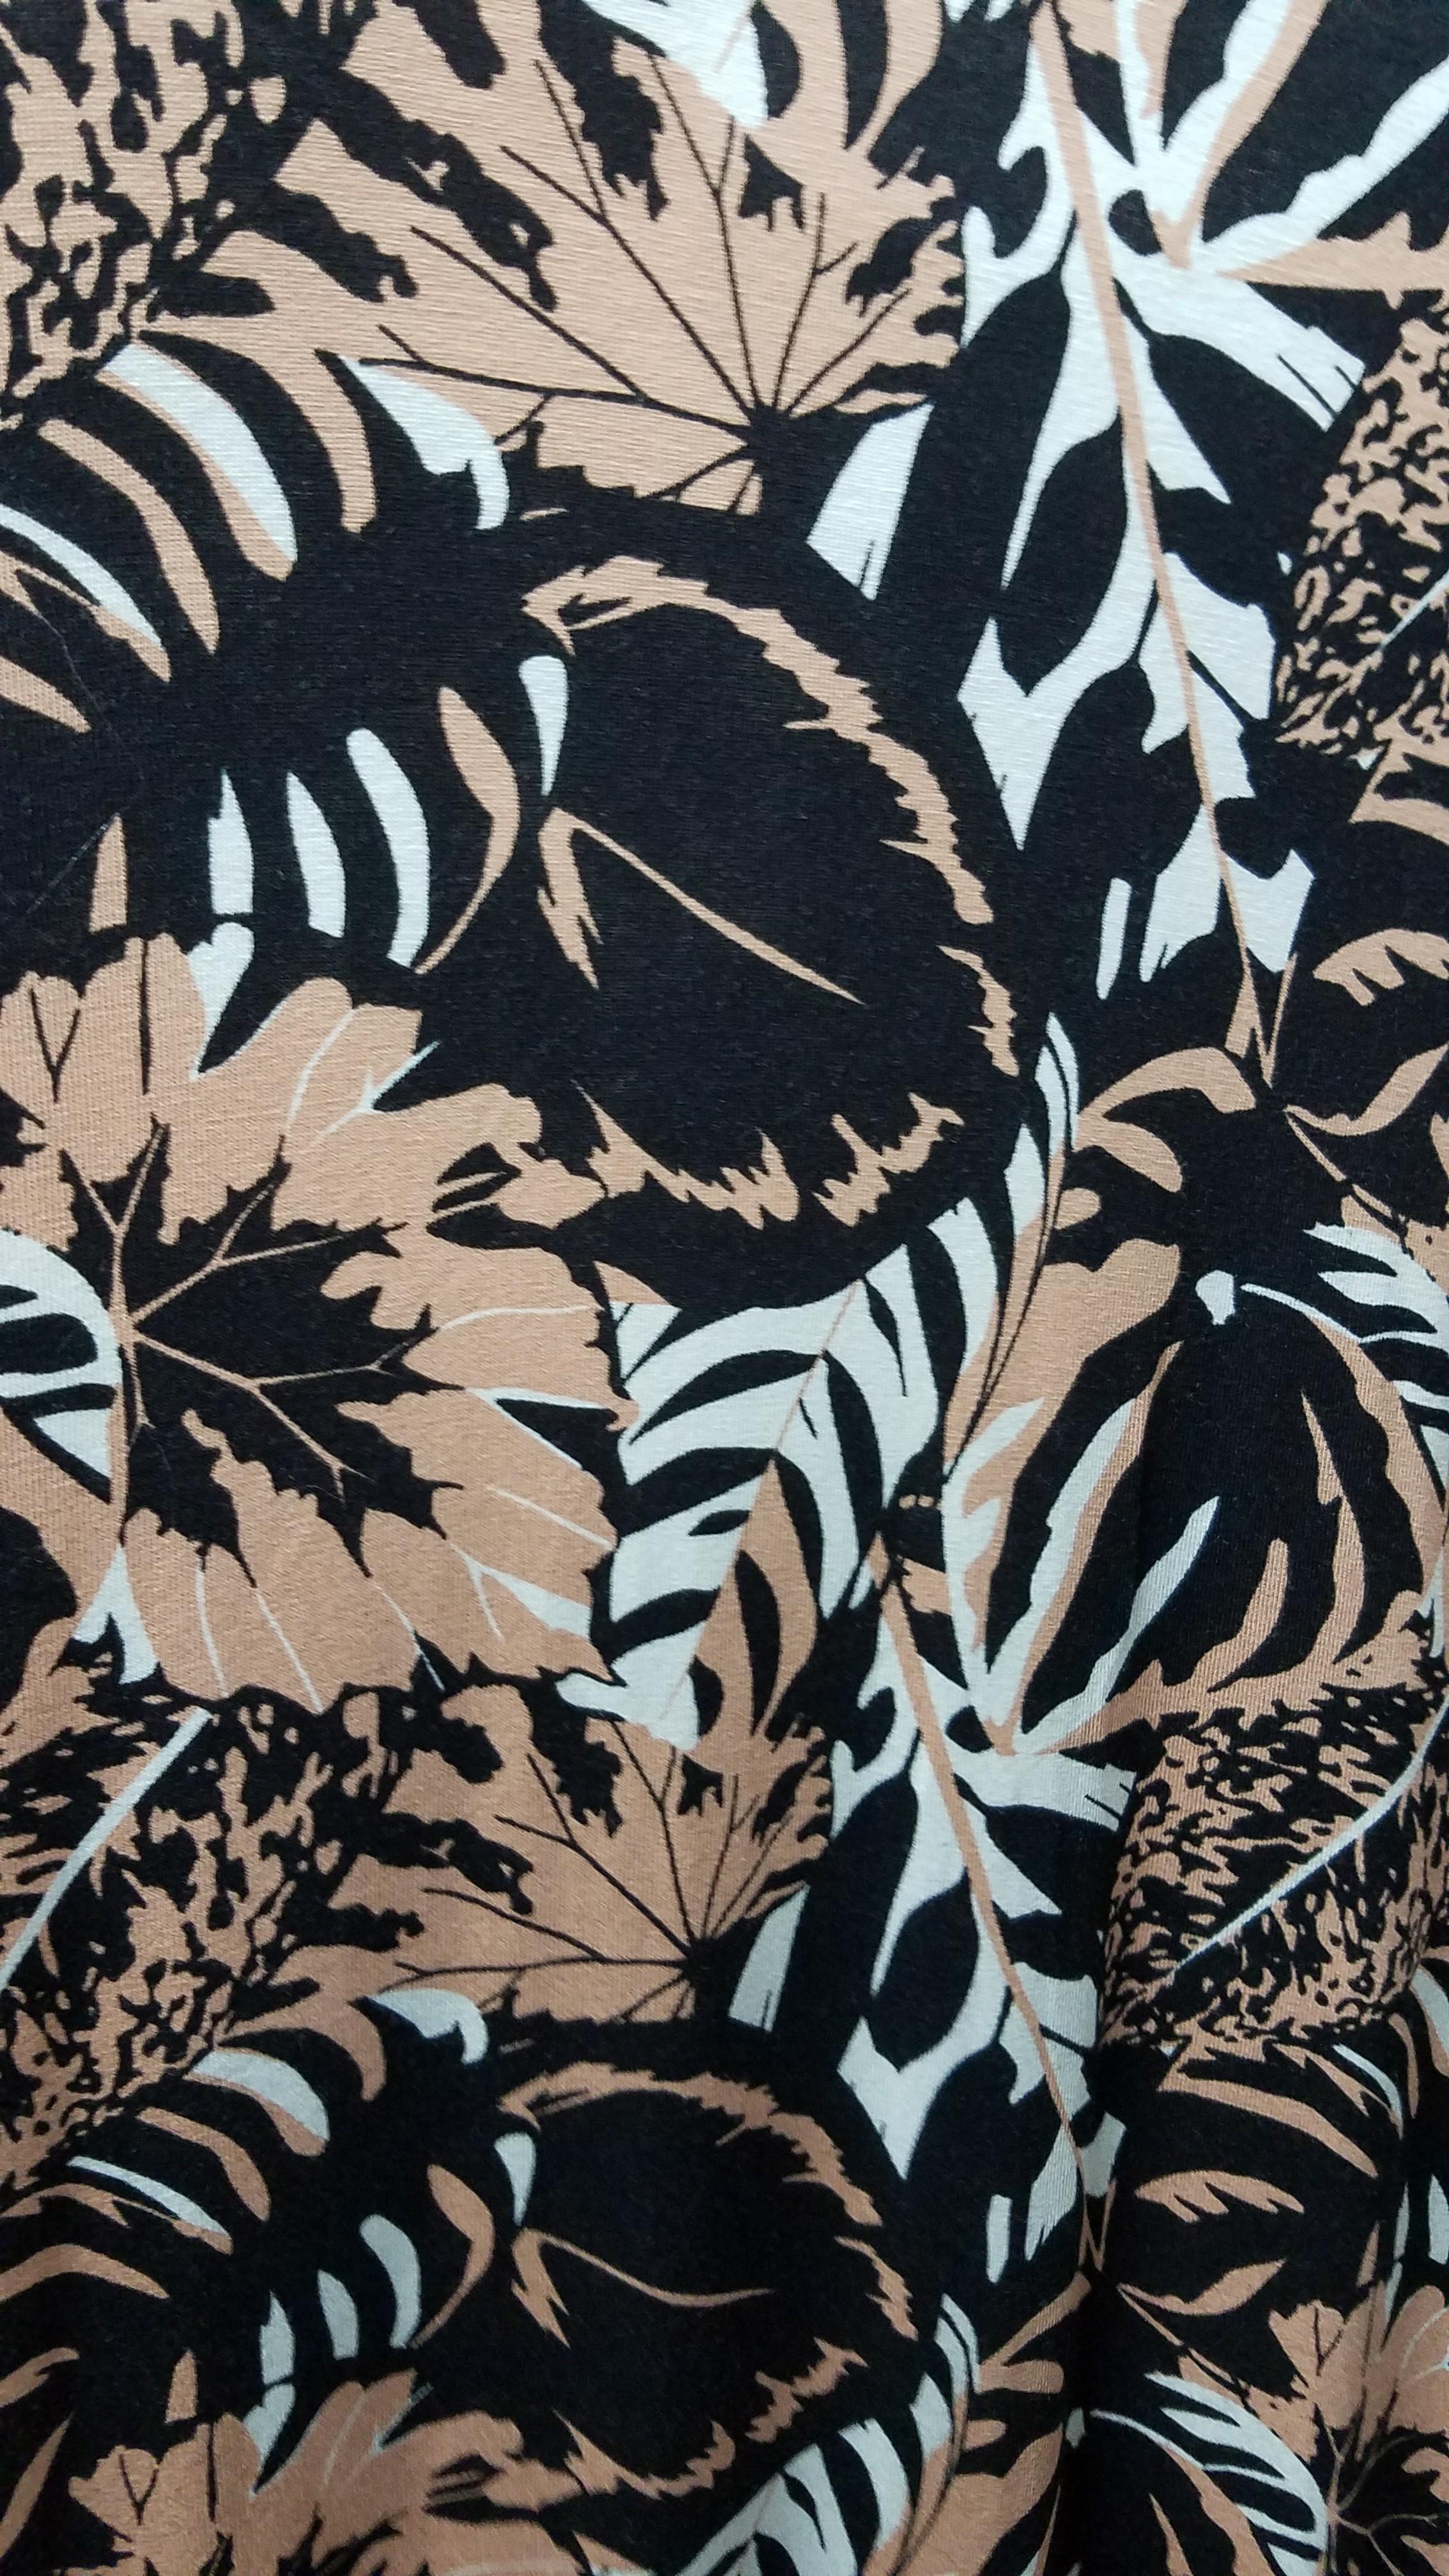 ג'ונגל שחור לבן EV41621